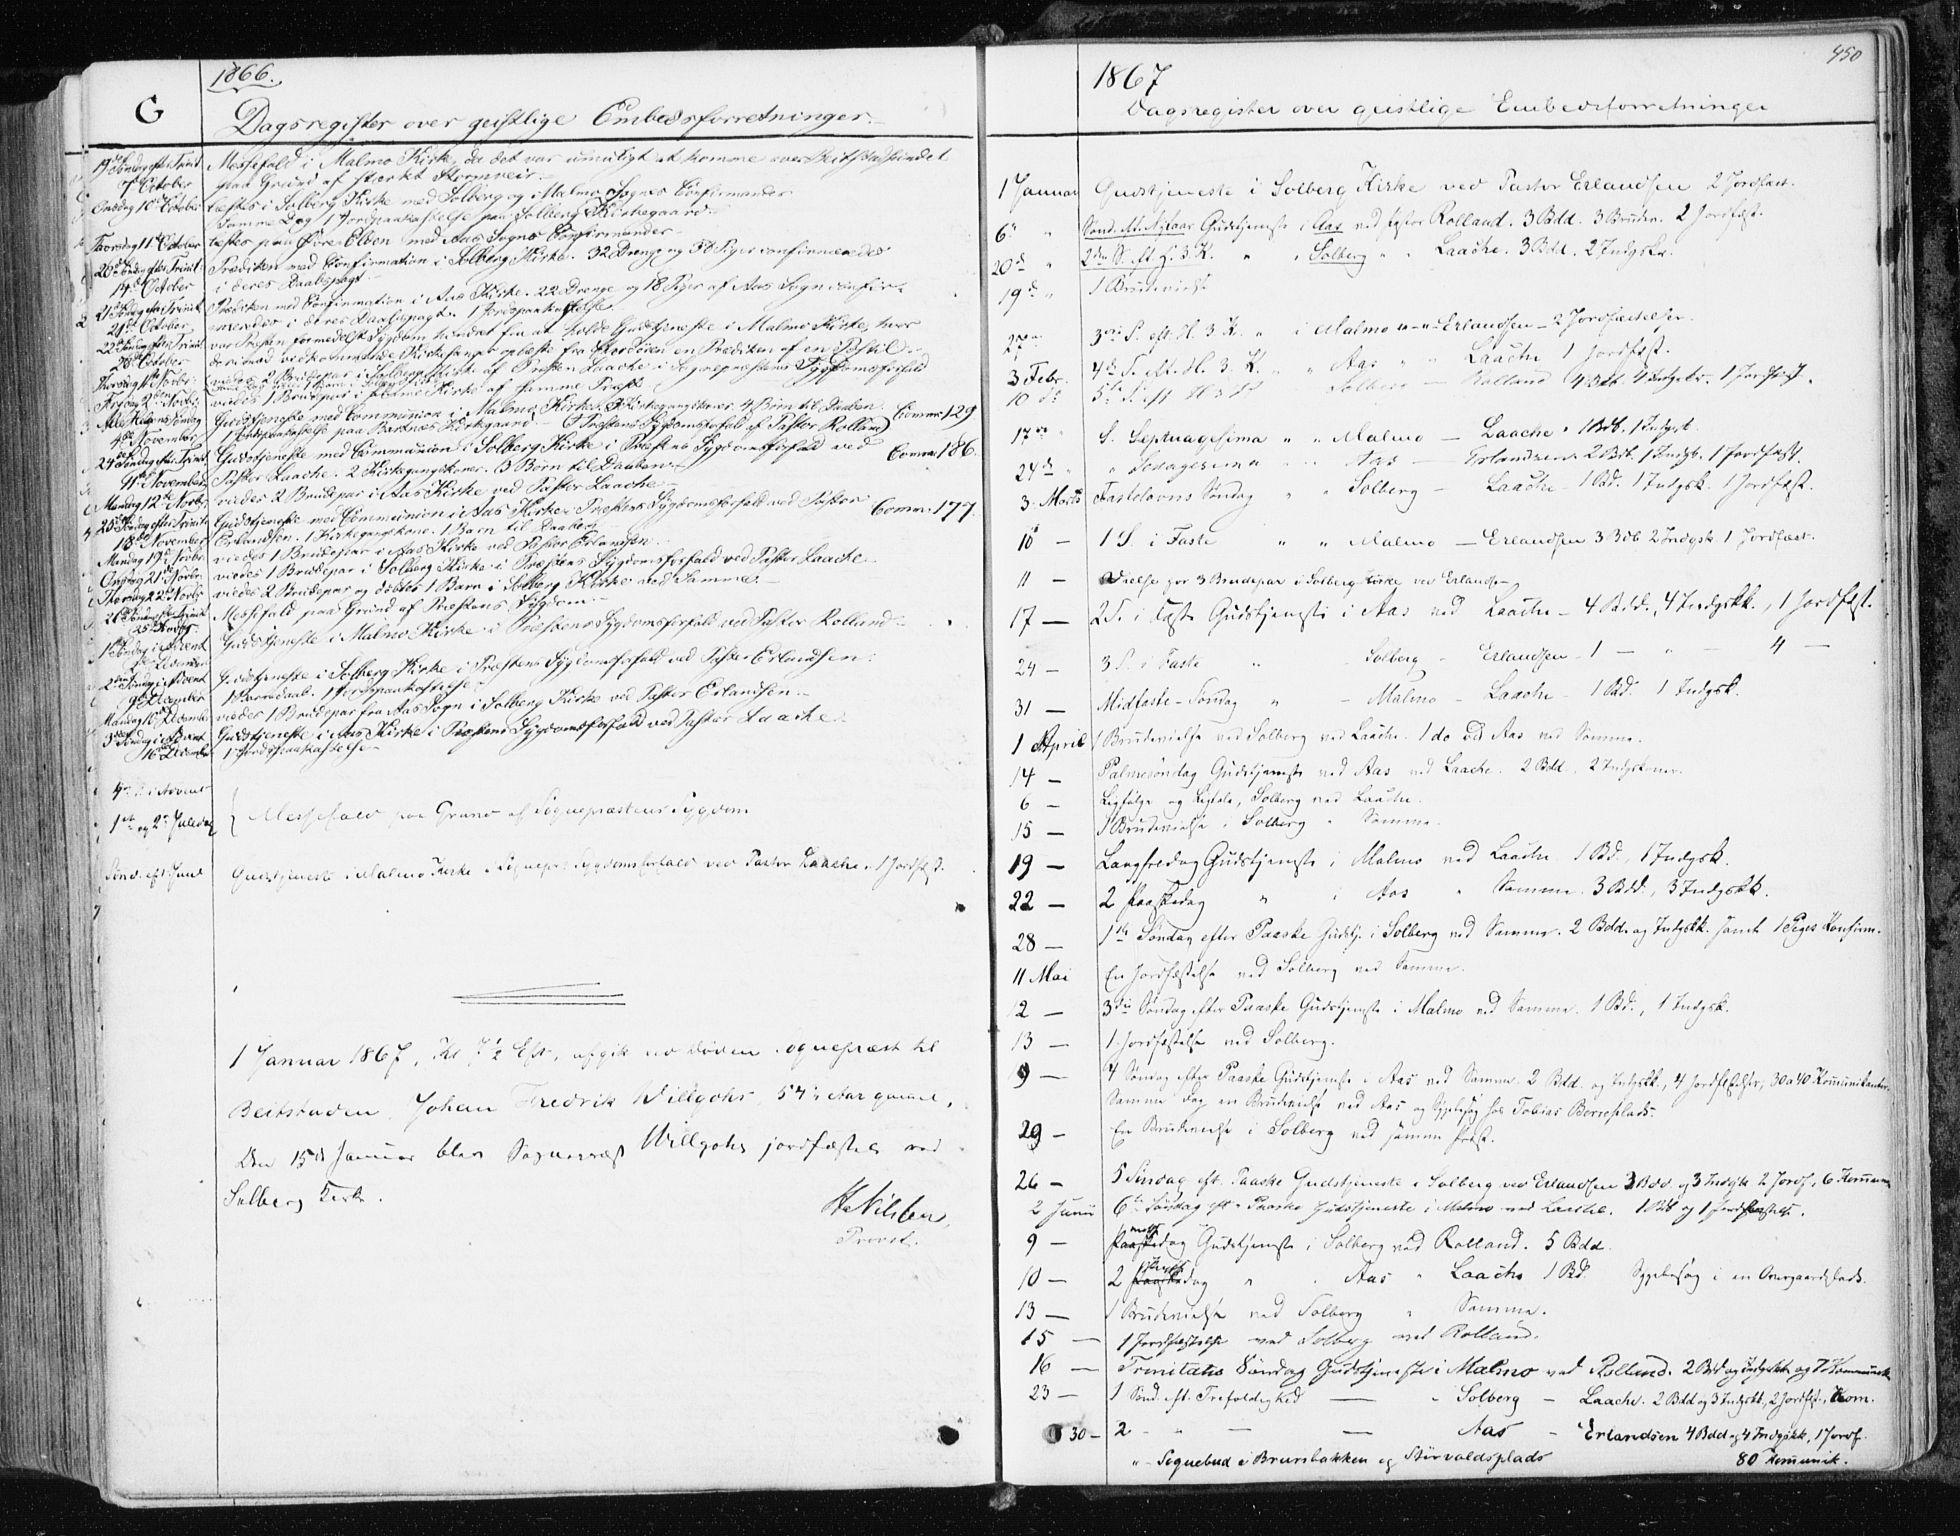 SAT, Ministerialprotokoller, klokkerbøker og fødselsregistre - Nord-Trøndelag, 741/L0394: Ministerialbok nr. 741A08, 1864-1877, s. 450